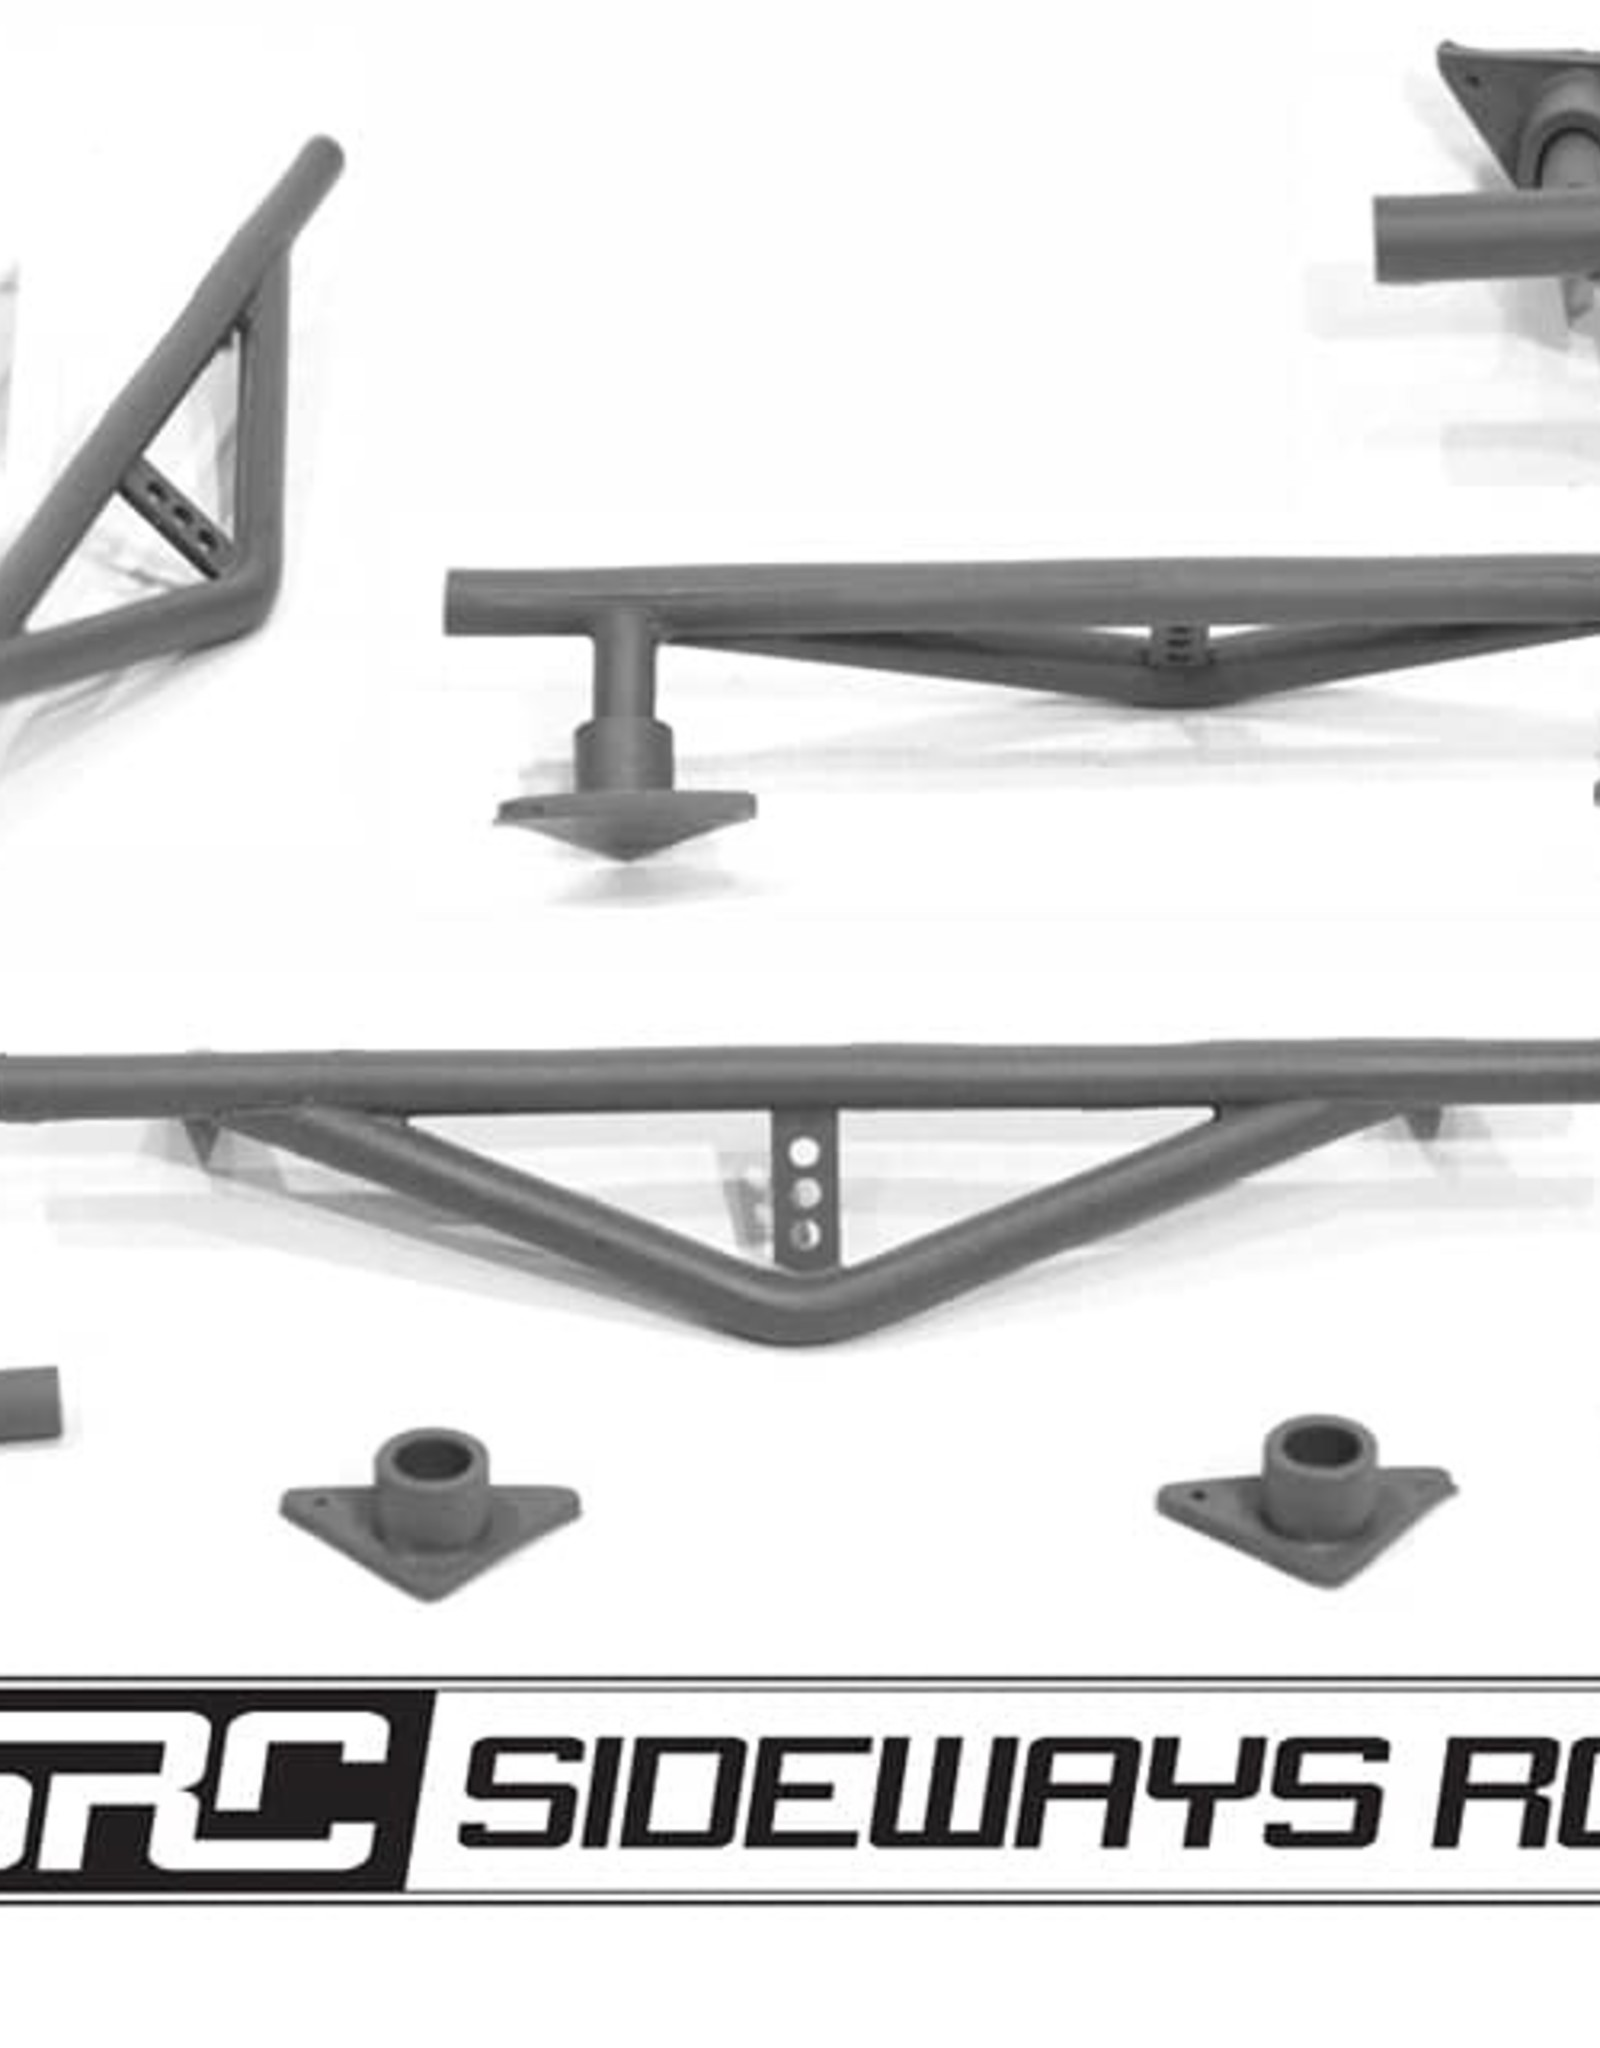 SRC SRCCSHBR Rear Crash Bar by SRC Black